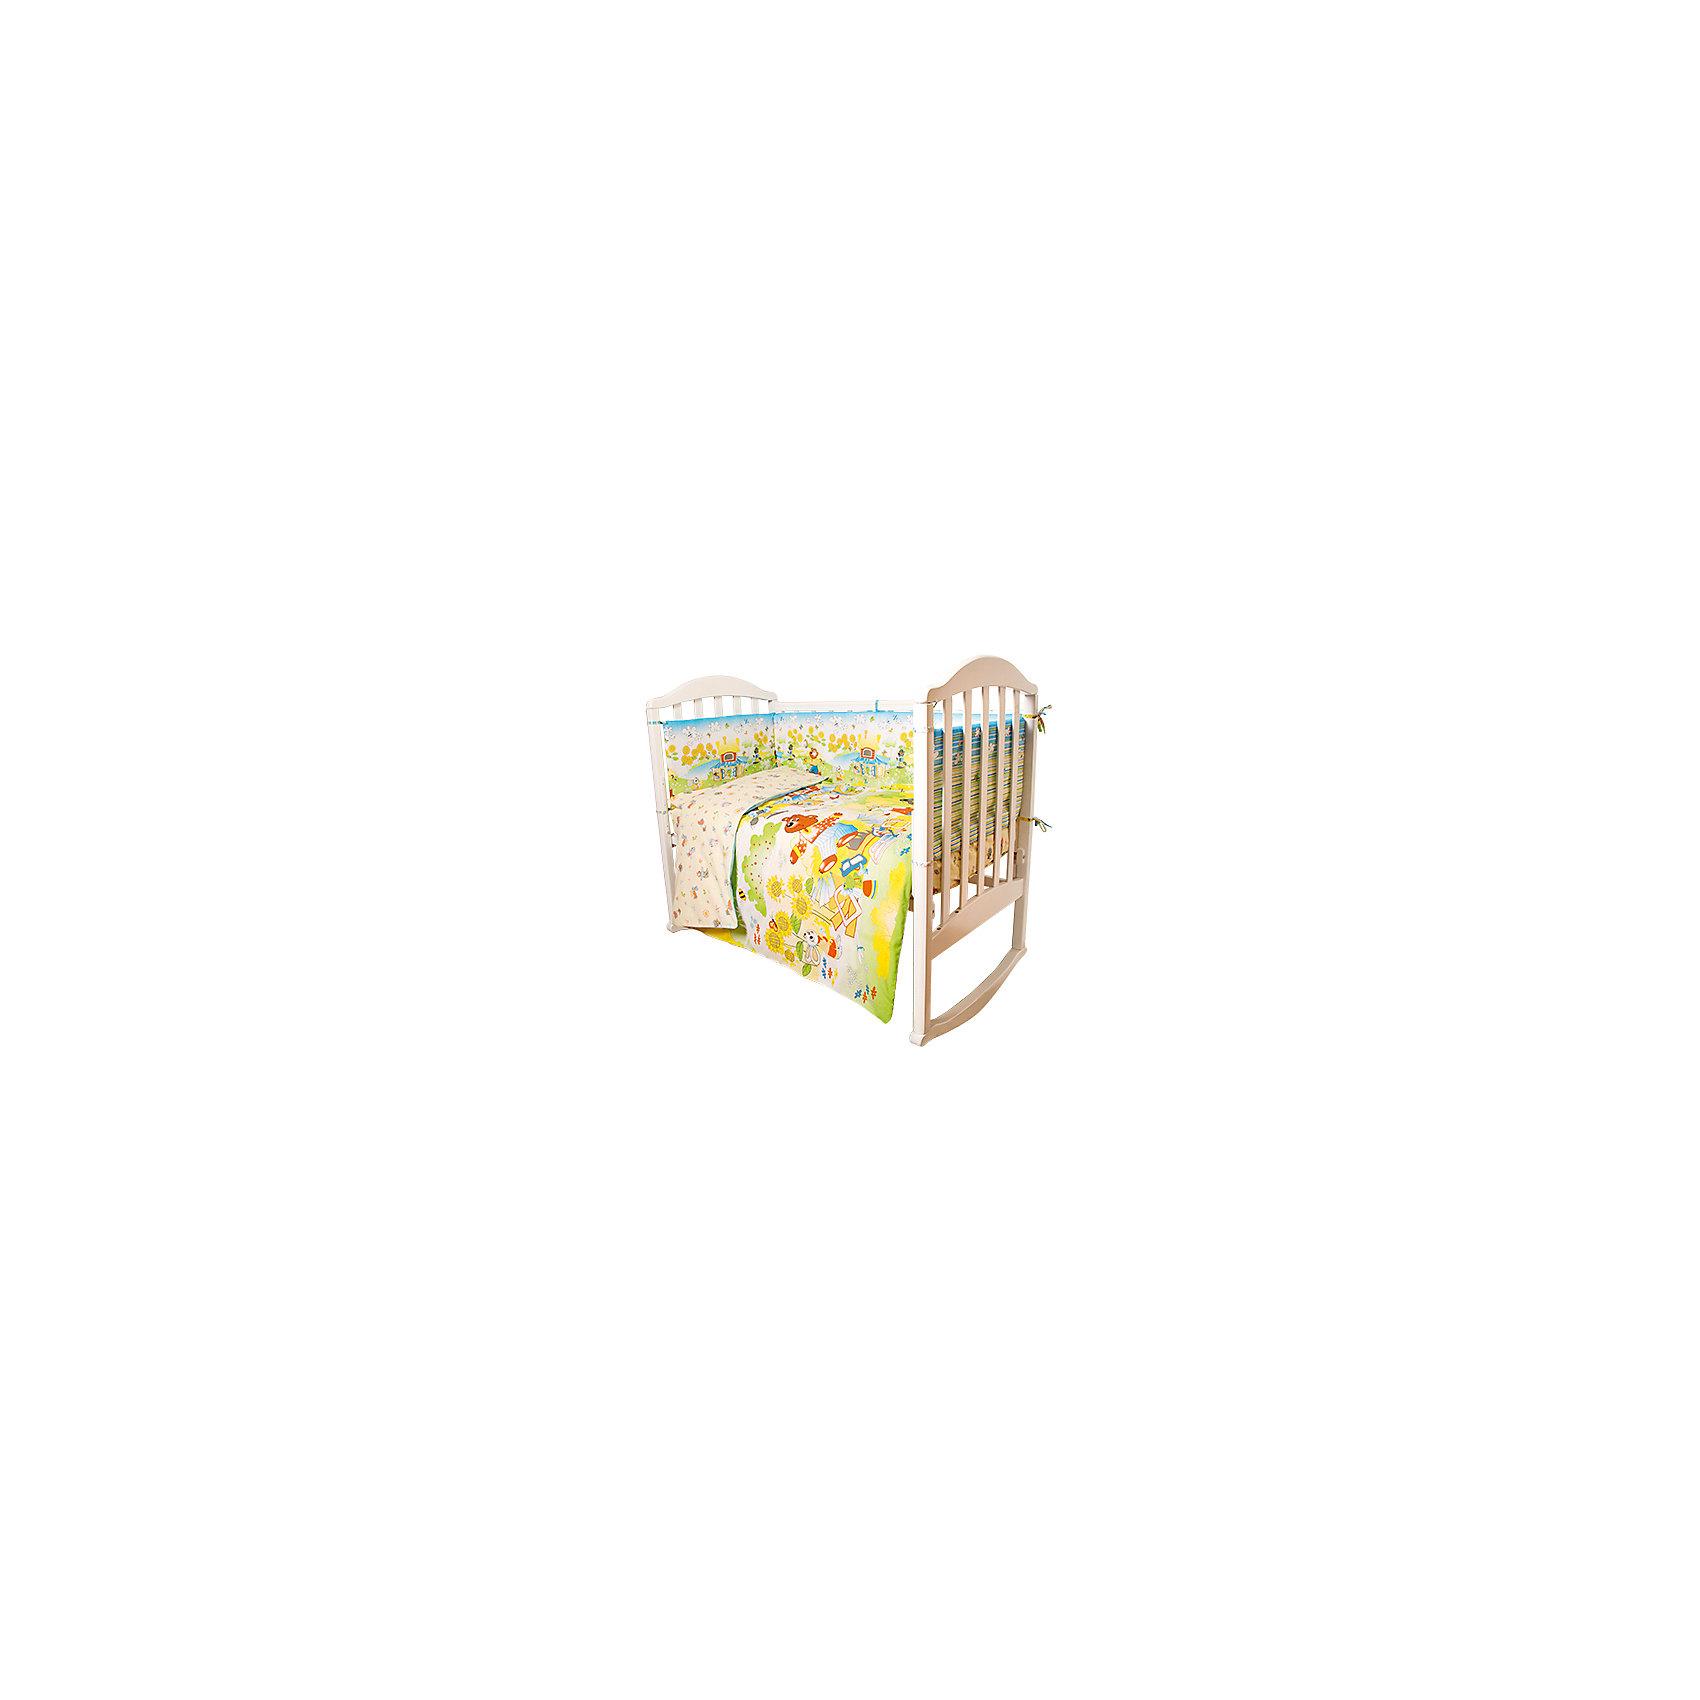 Постельное белье Теремок Сказки 6 пред., Baby Nice, желтыйМалыши требуют особой заботы. Постельное белье для них должно быть качественным и безопасным. Этот комплект обеспечит малышу комфорт и тепло в кроватке. Он украшен симпатичным принтом.<br>Набор сшит из натуральной дышащего материала - хлопка, мягкого и приятного на ощупь. Она не вызывает аллергии, что особенно важно для малышей. Также материал обеспечит хорошую терморегуляцию. Комплект сделан из высококачественных материалов, безопасных для ребенка.<br><br>Дополнительная информация:<br><br>цвет: желтый;<br>материал: 100% хлопок, наполнитель - файбер;<br>комплектация: простыня 112 х 147 см, пододеяльник 112 х 147 см, наволочка 40 х 60, борт( 120х35-2 шт., 60х35-2 шт.), одеяло 110 х 140 см, подушка 40 х 60 см.;<br>принт.<br><br>Постельное белье Теремок Сказки 6 пред., от компании Baby Nice можно купить в нашем магазине.<br><br>Ширина мм: 250<br>Глубина мм: 600<br>Высота мм: 450<br>Вес г: 1200<br>Возраст от месяцев: 0<br>Возраст до месяцев: 36<br>Пол: Унисекс<br>Возраст: Детский<br>SKU: 4941795